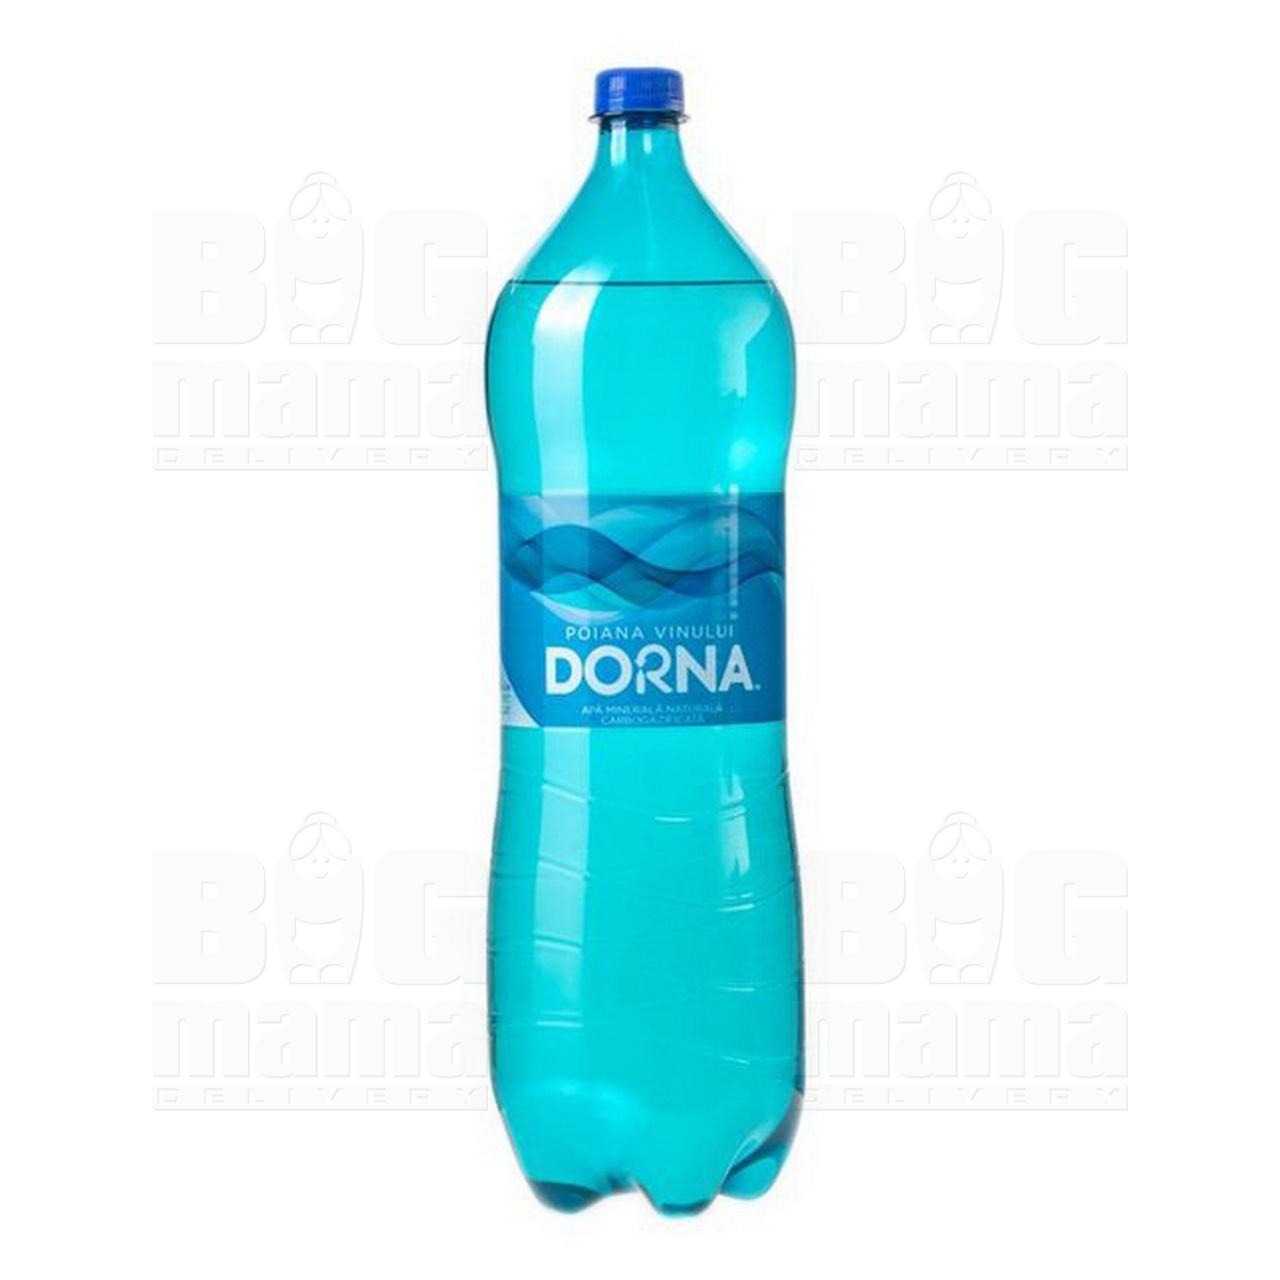 Product #155 image - Apă minerală Dorna 2L